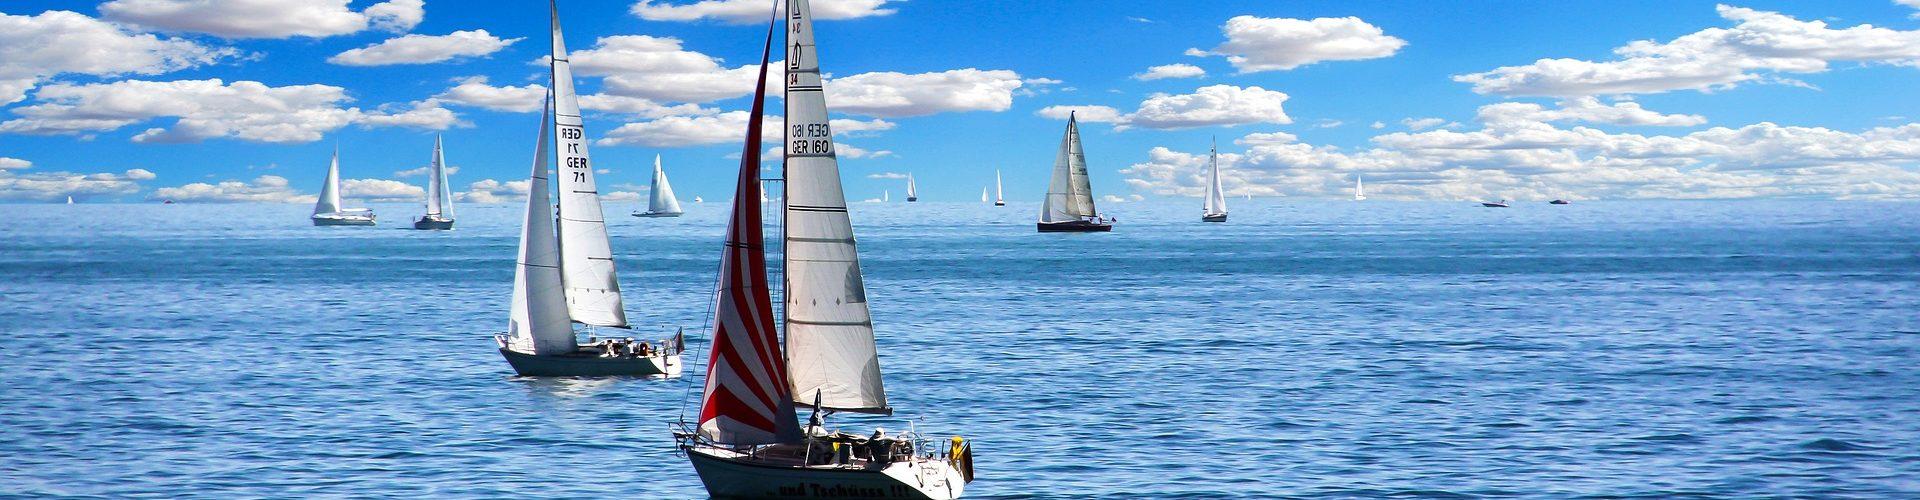 segeln lernen in Krakow am See segelschein machen in Krakow am See 1920x500 - Segeln lernen in Krakow am See